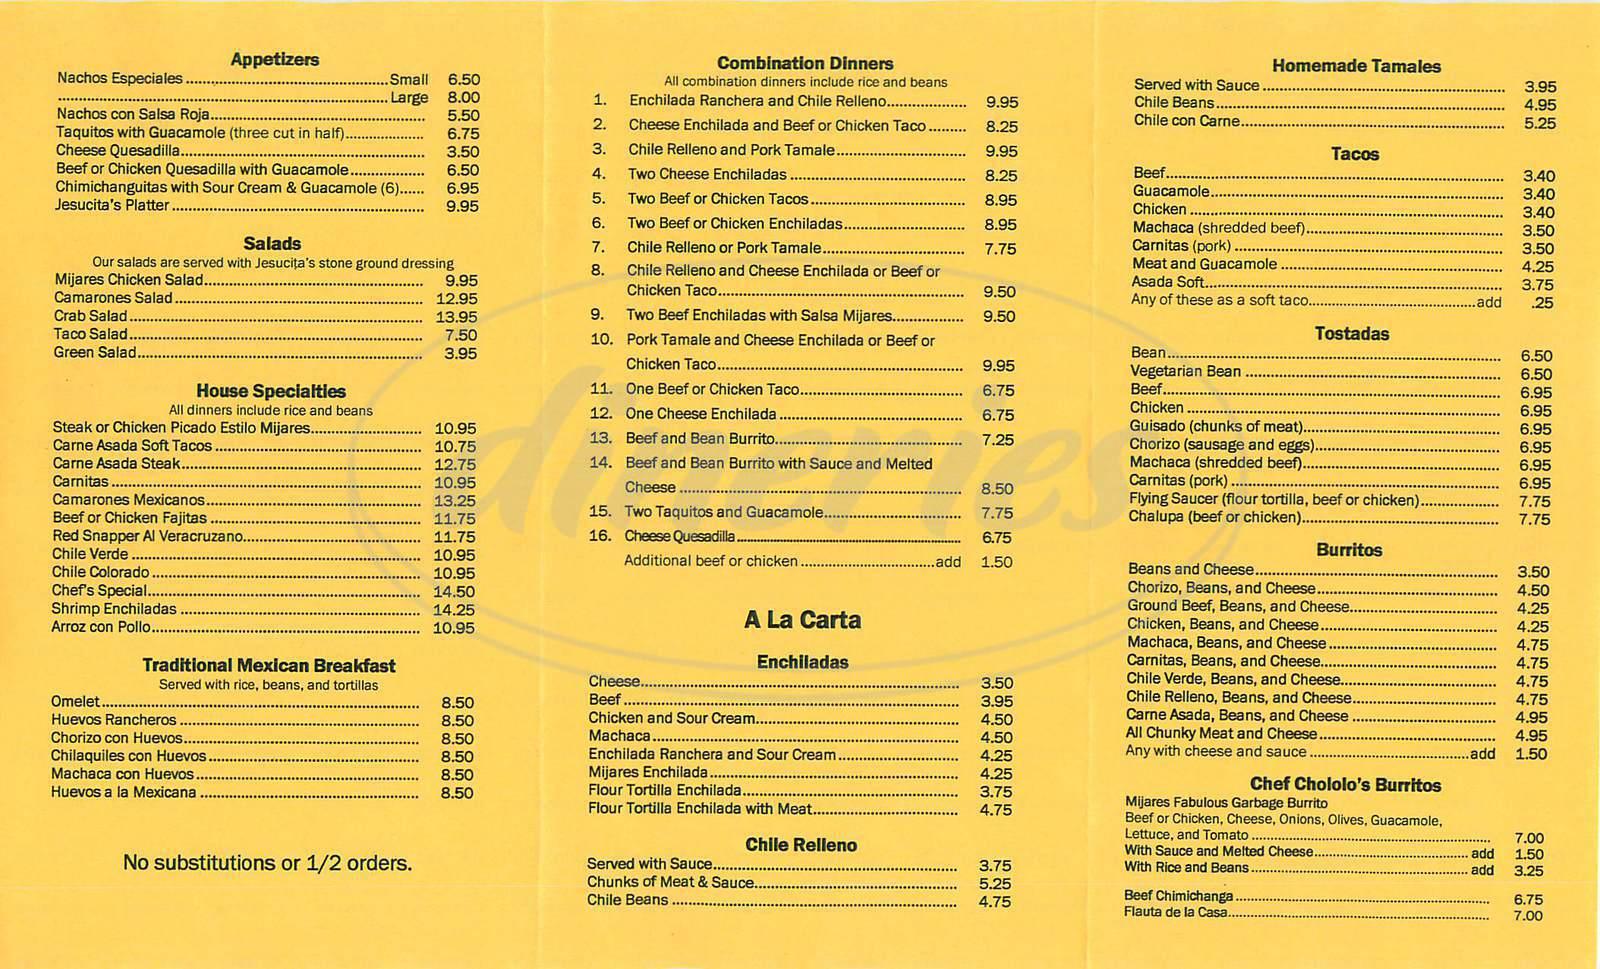 Restaurant Menu Items List